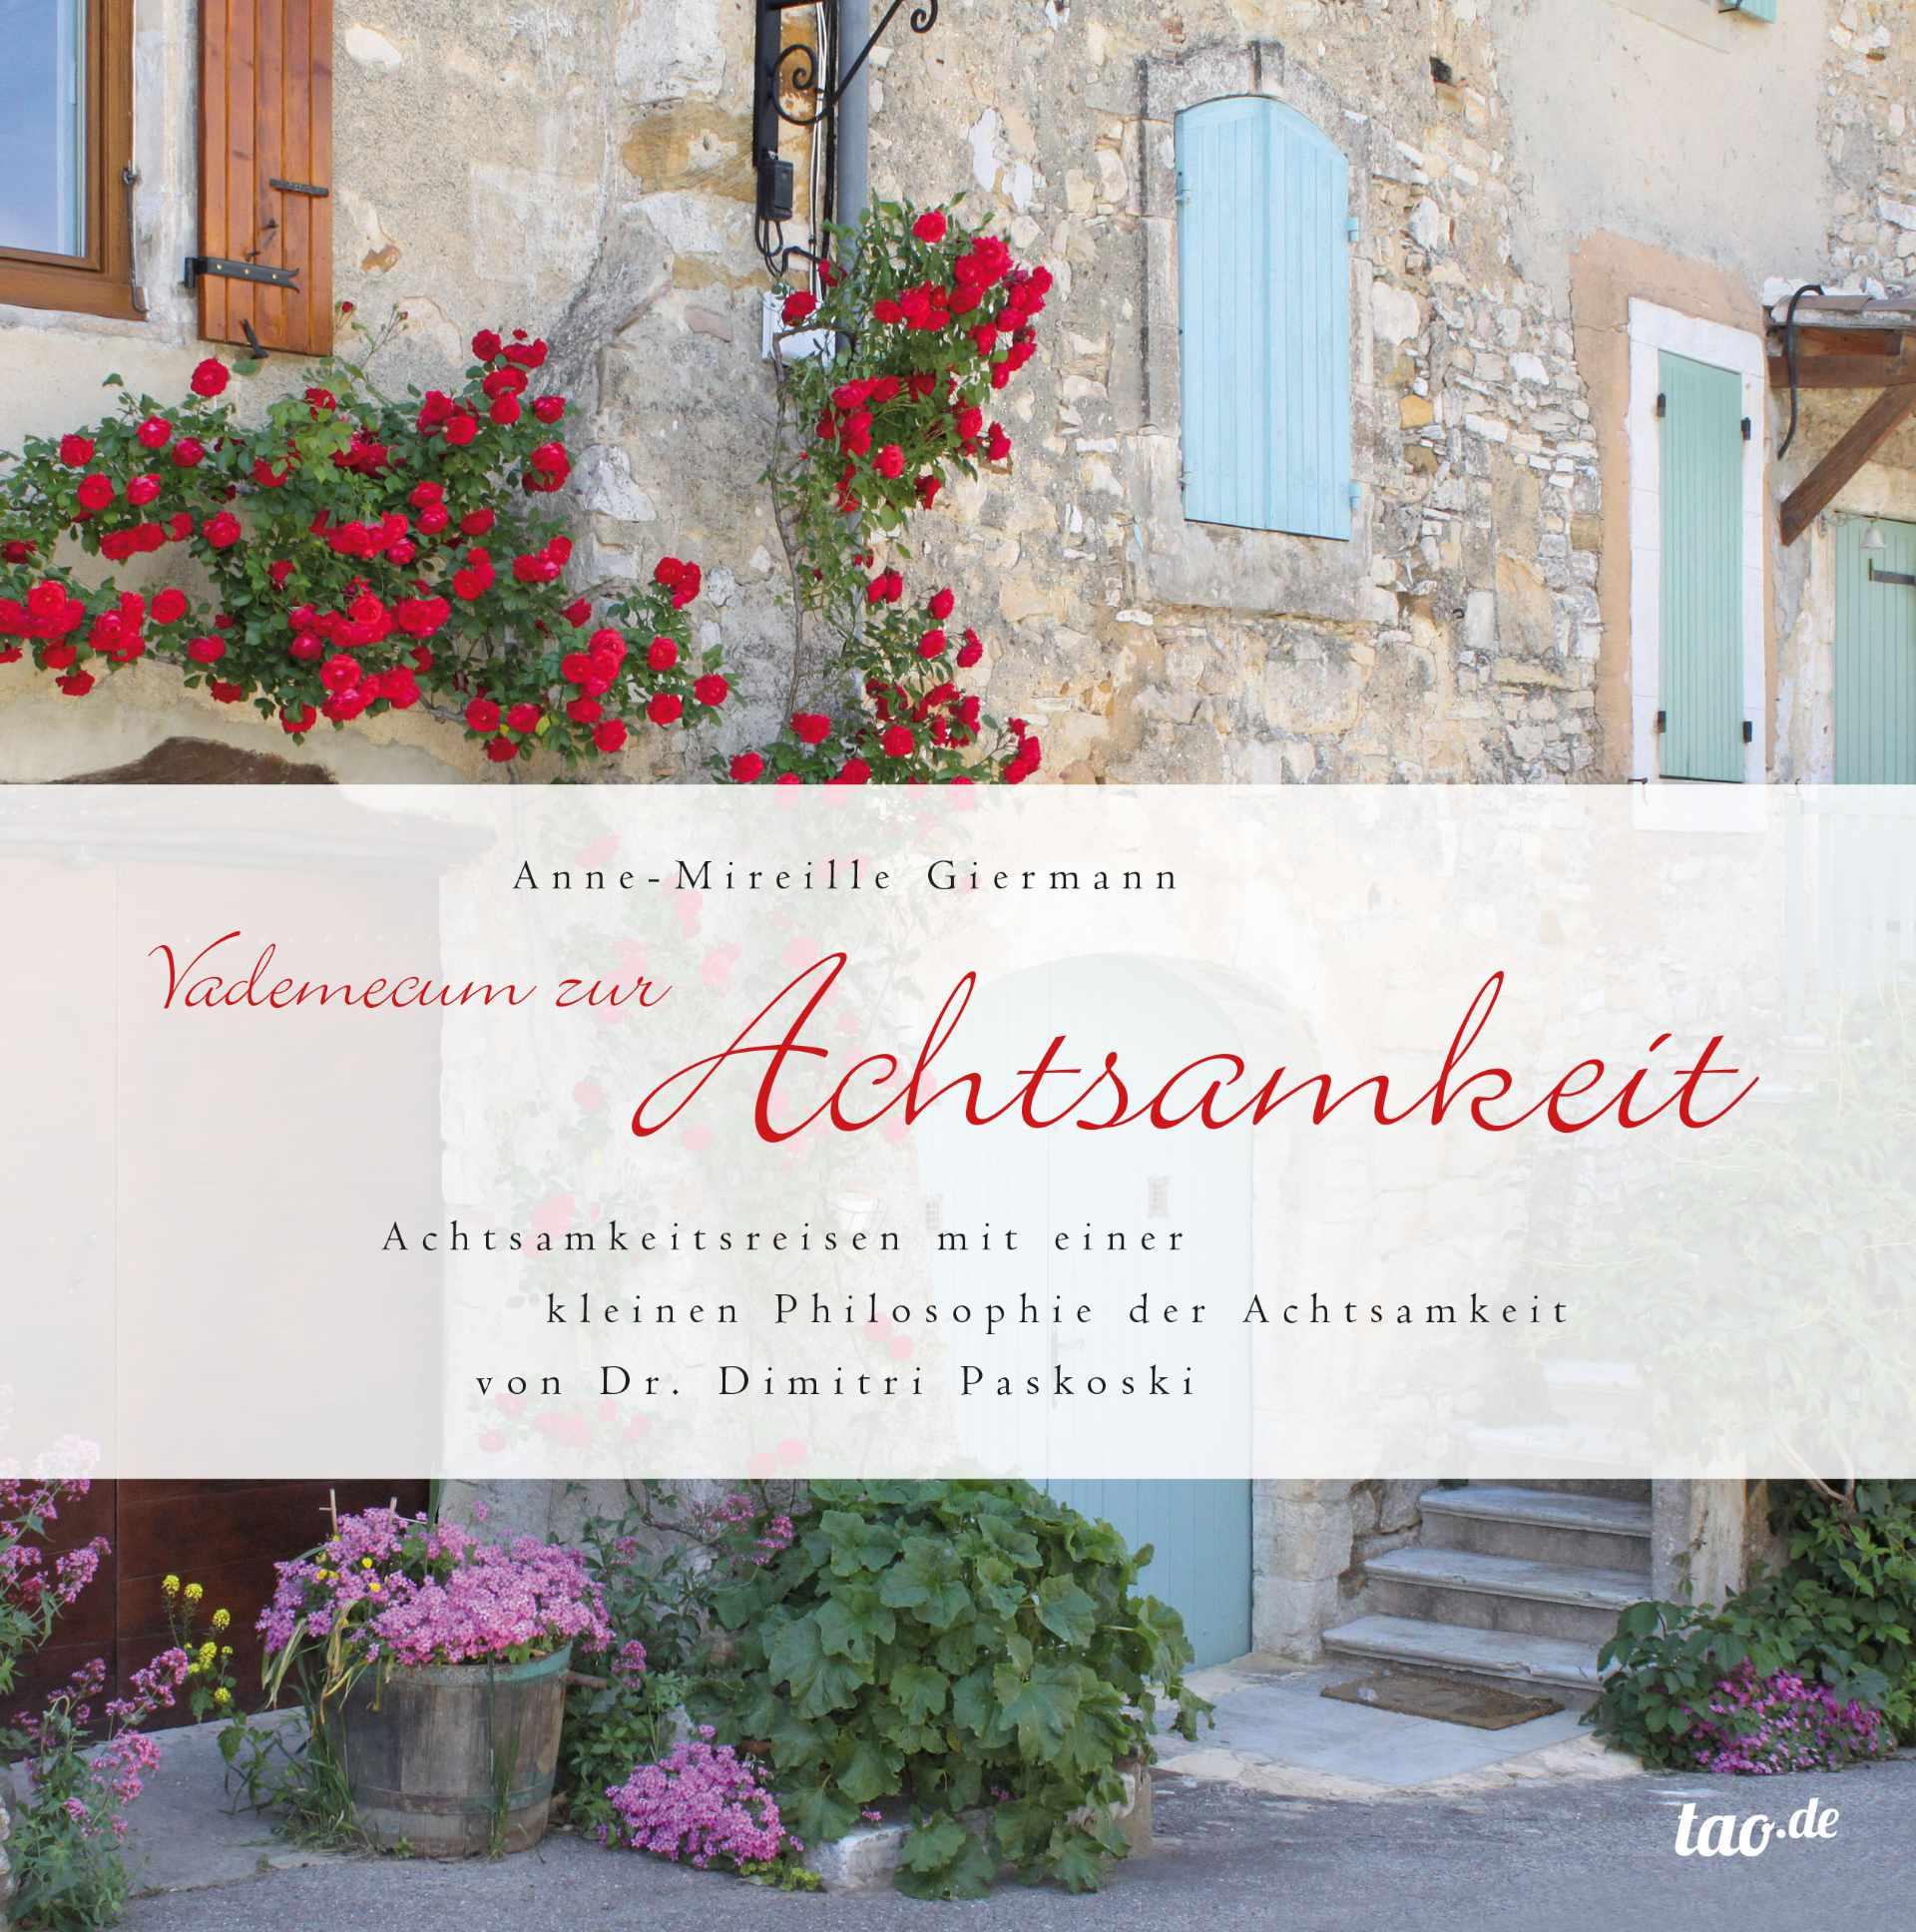 Vademecum zur Achtsamkeit - Book Cover